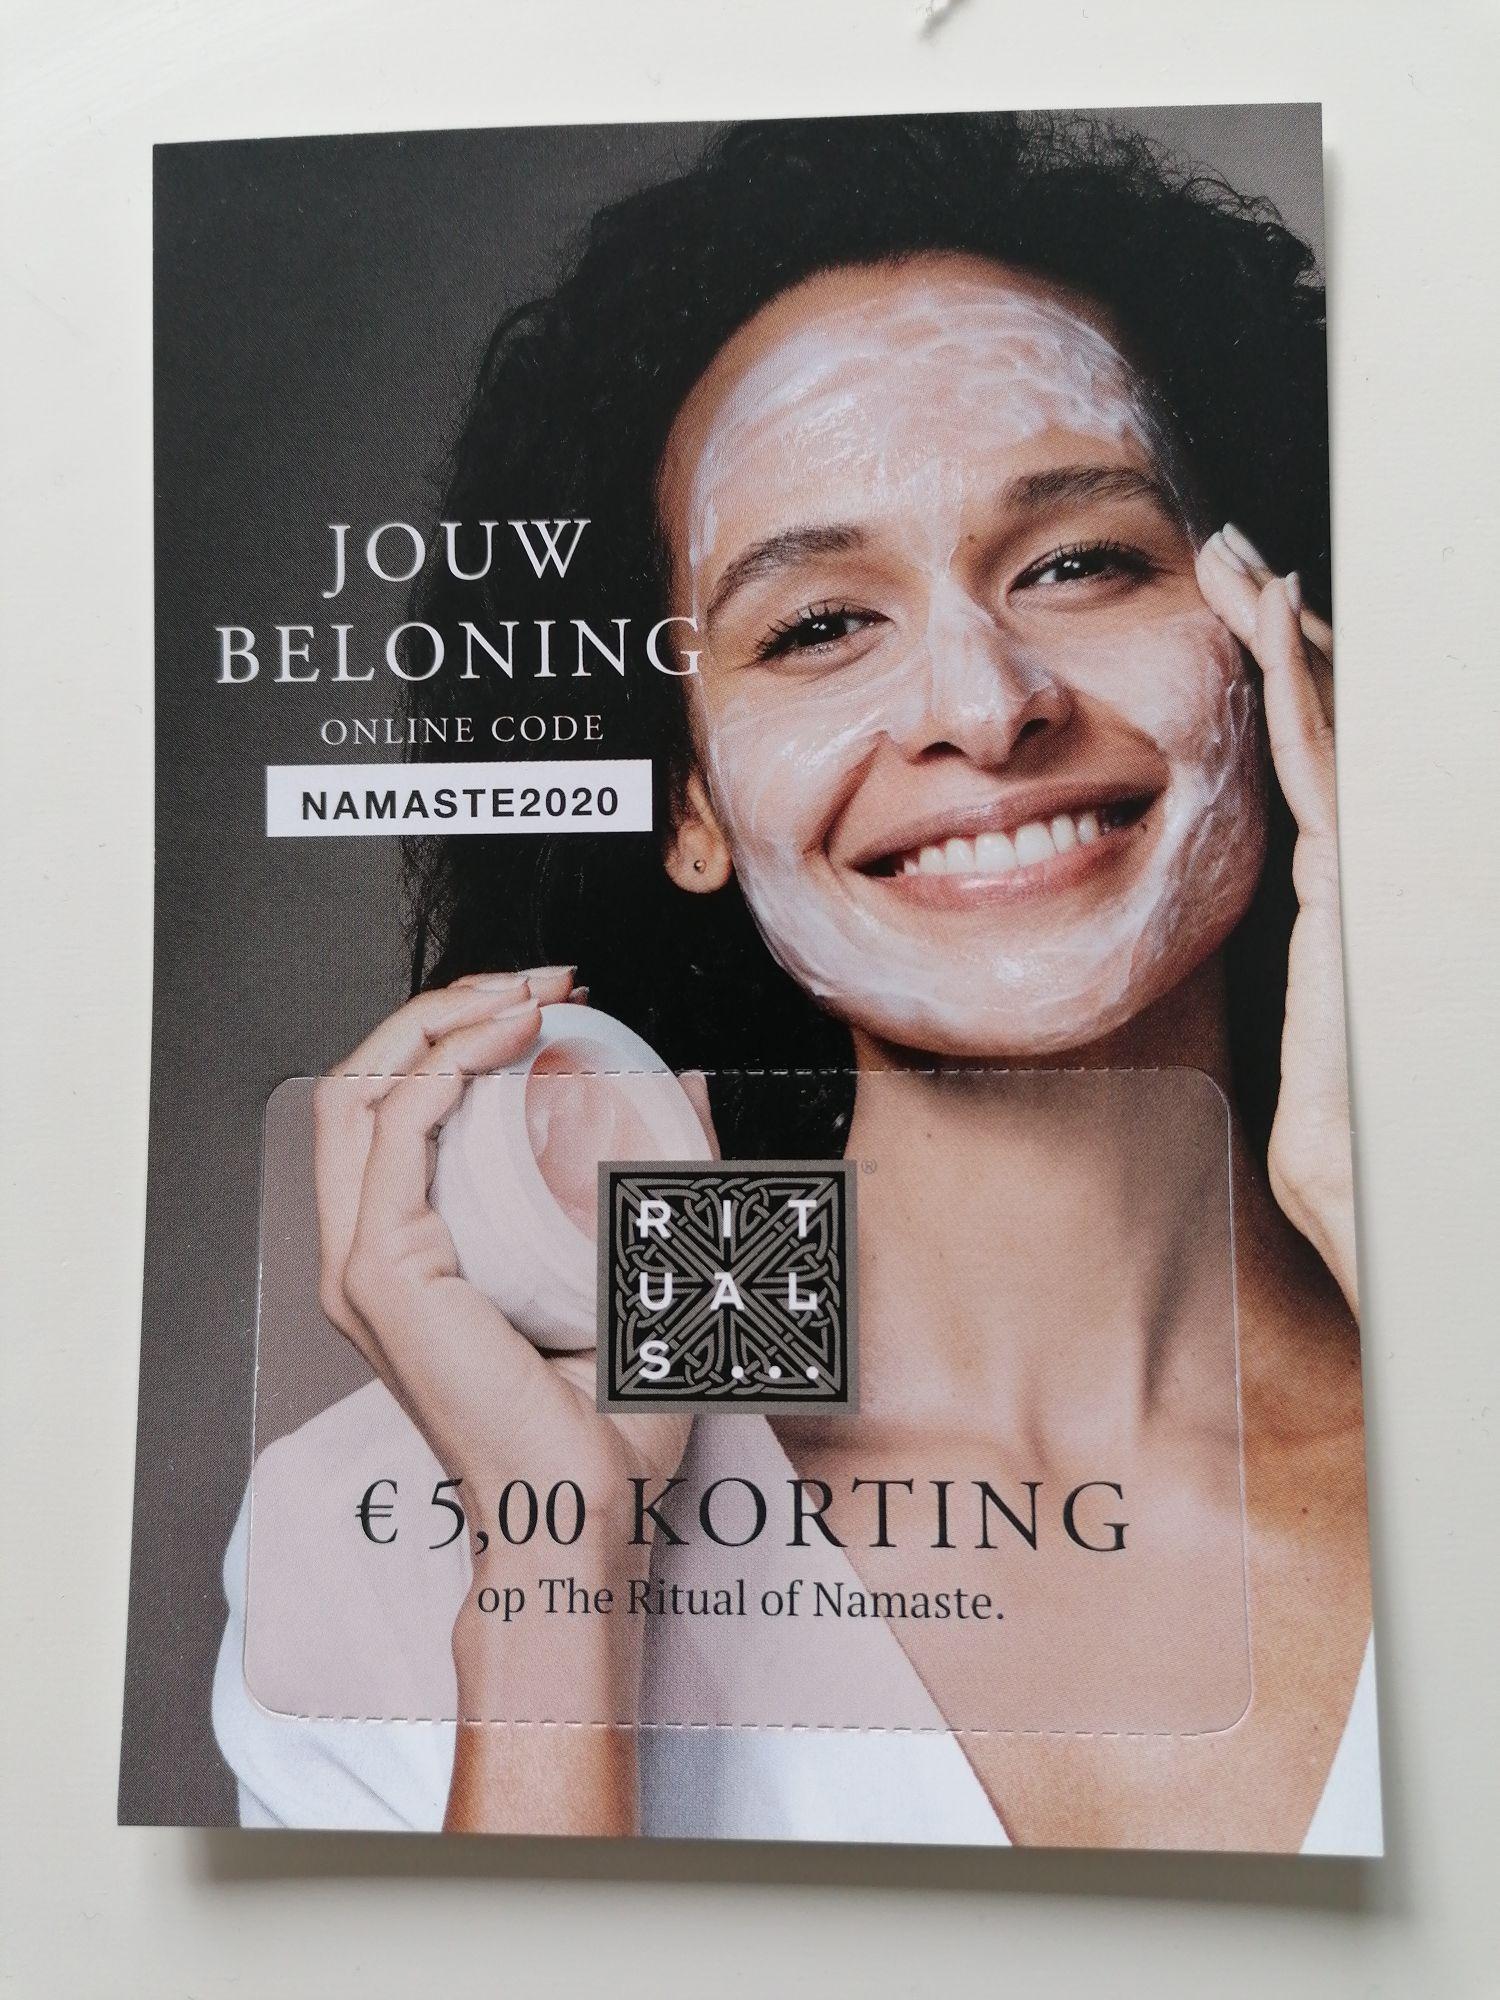 [Rituals] 5 euro korting in de webshop en in de winkel bij aankoop van producten uit de Namaste lijn